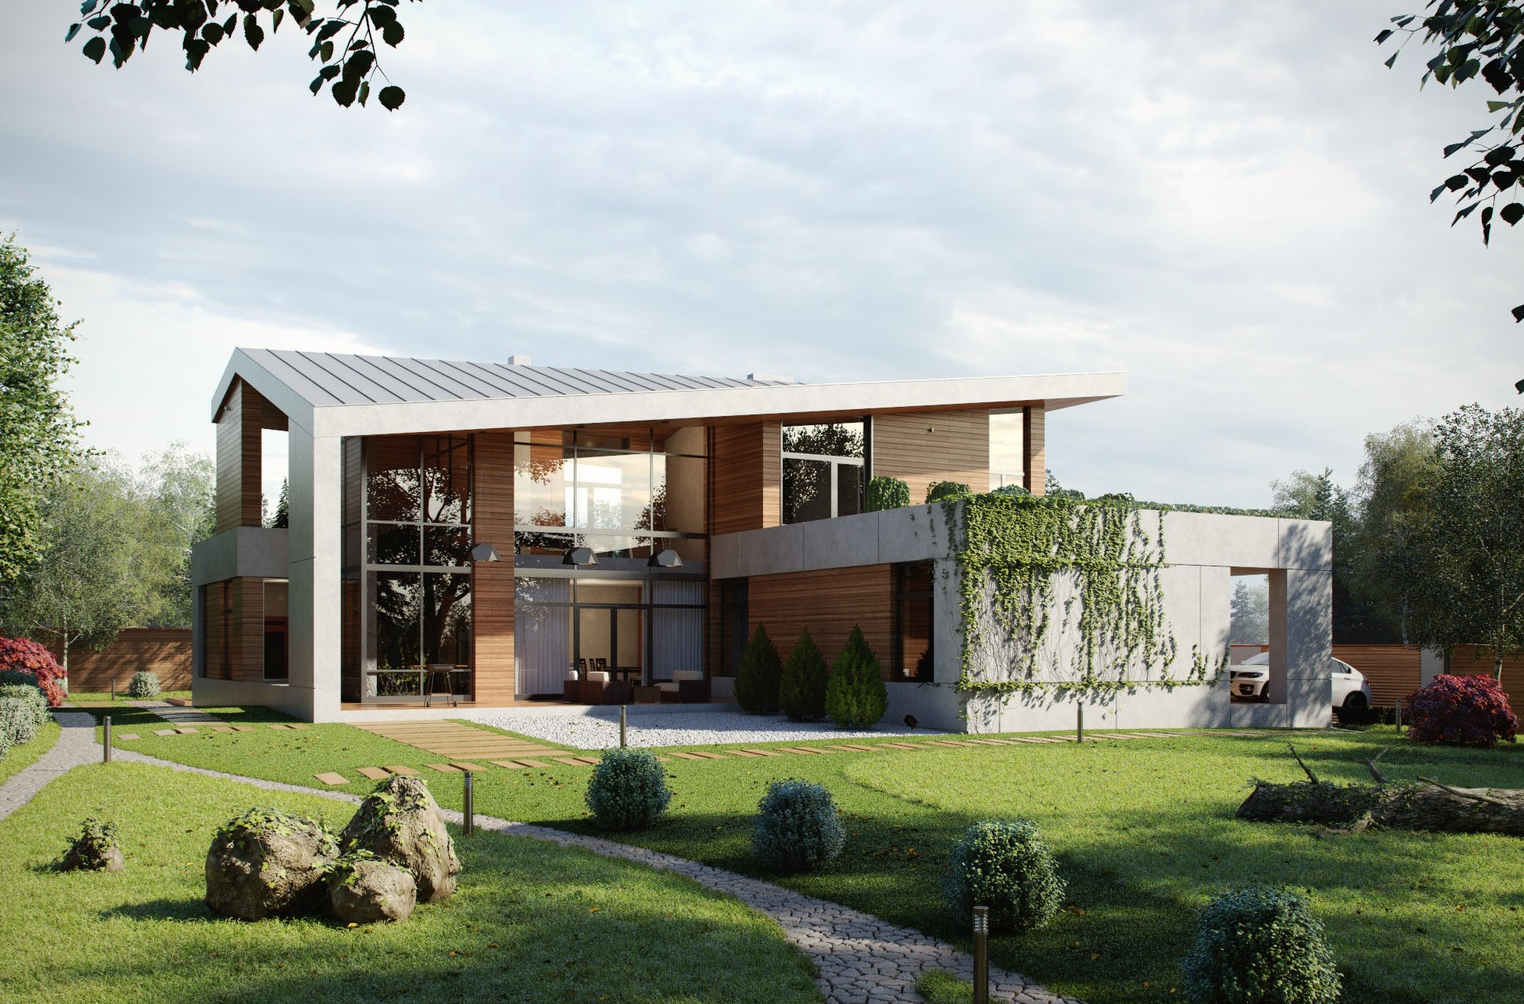 Планировка и оформление дома в различных стилях (136 фото): проекты и оформление интерьера в стиле райта, минимализм, американском и немецком